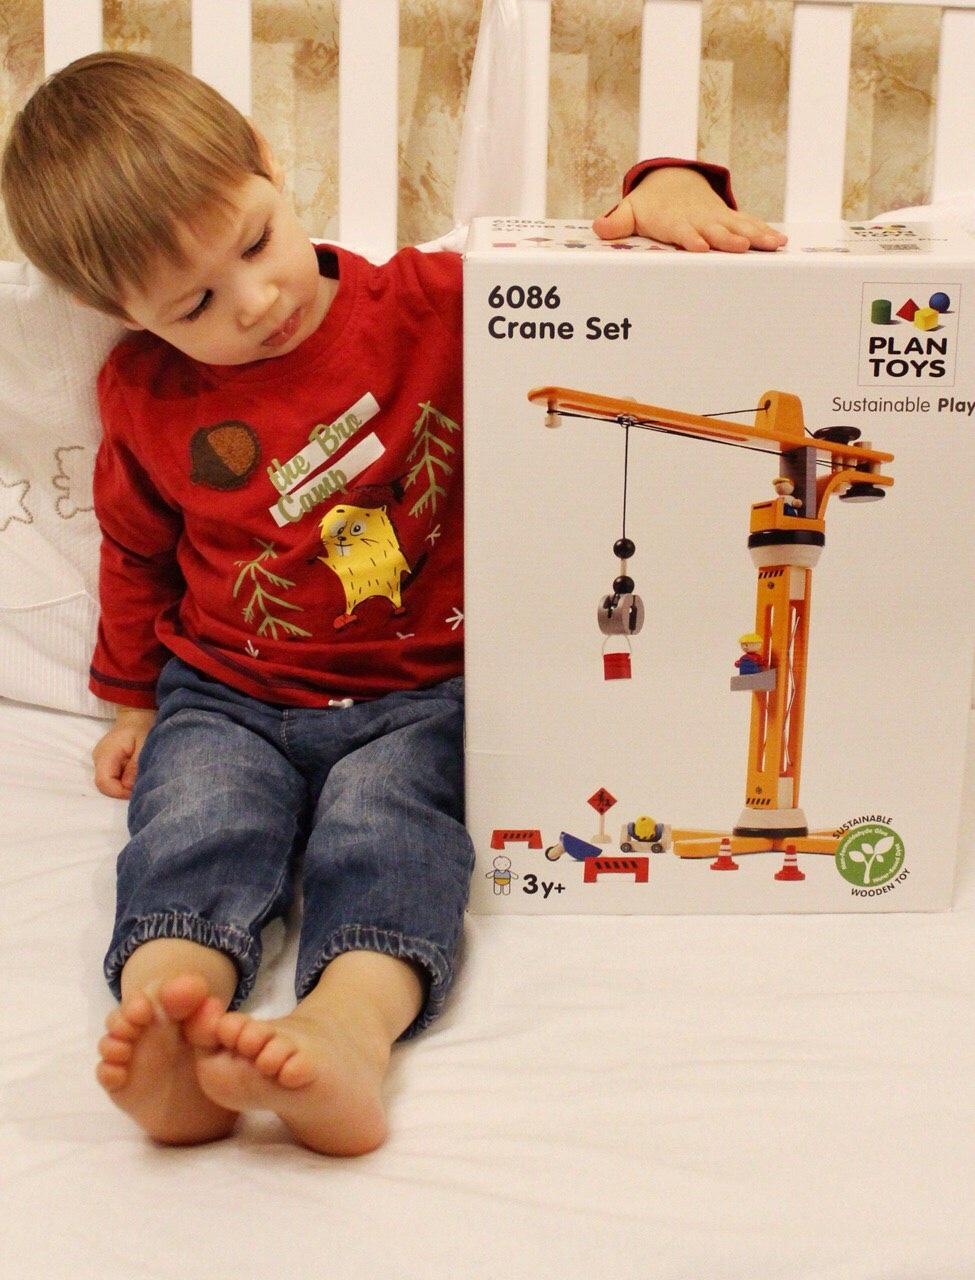 О Plan Toys, производителе высококачественных деревянных игрушек